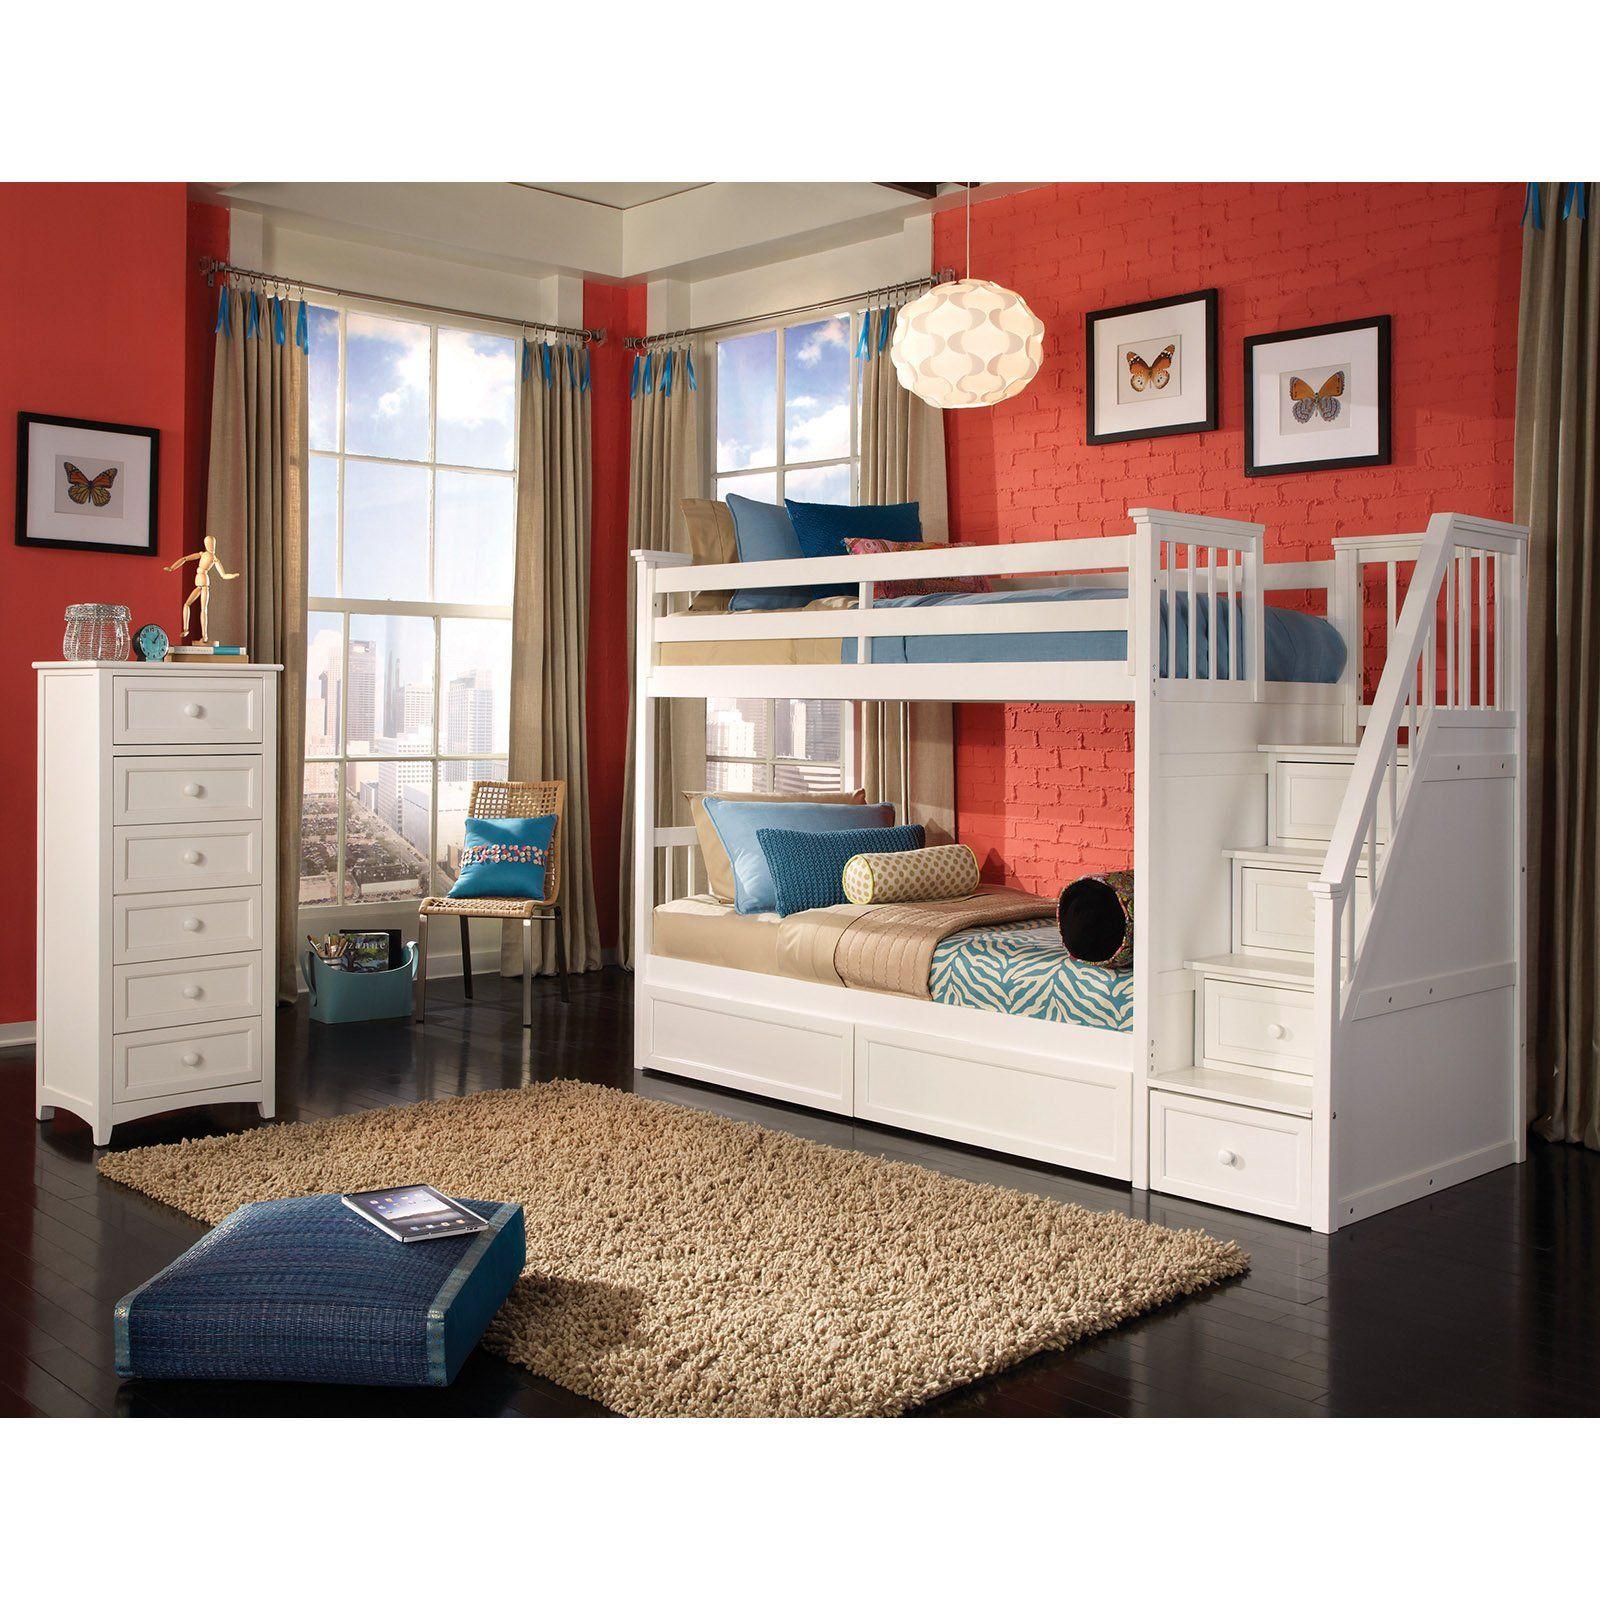 Designer Kids bunk beds foto